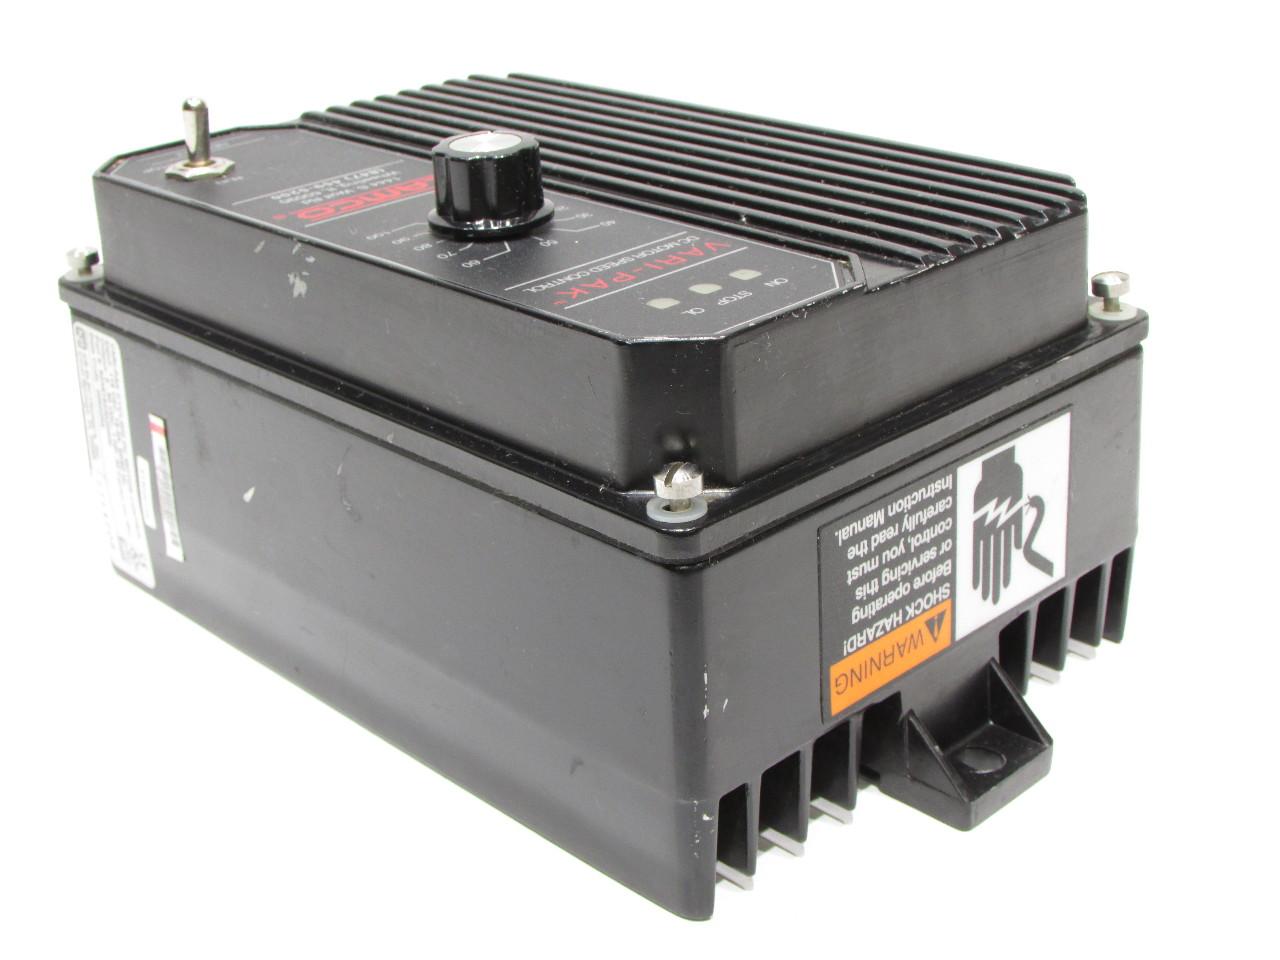 Camco Kb Electroinics 92a61633020000 Vari Pak Dc Motor